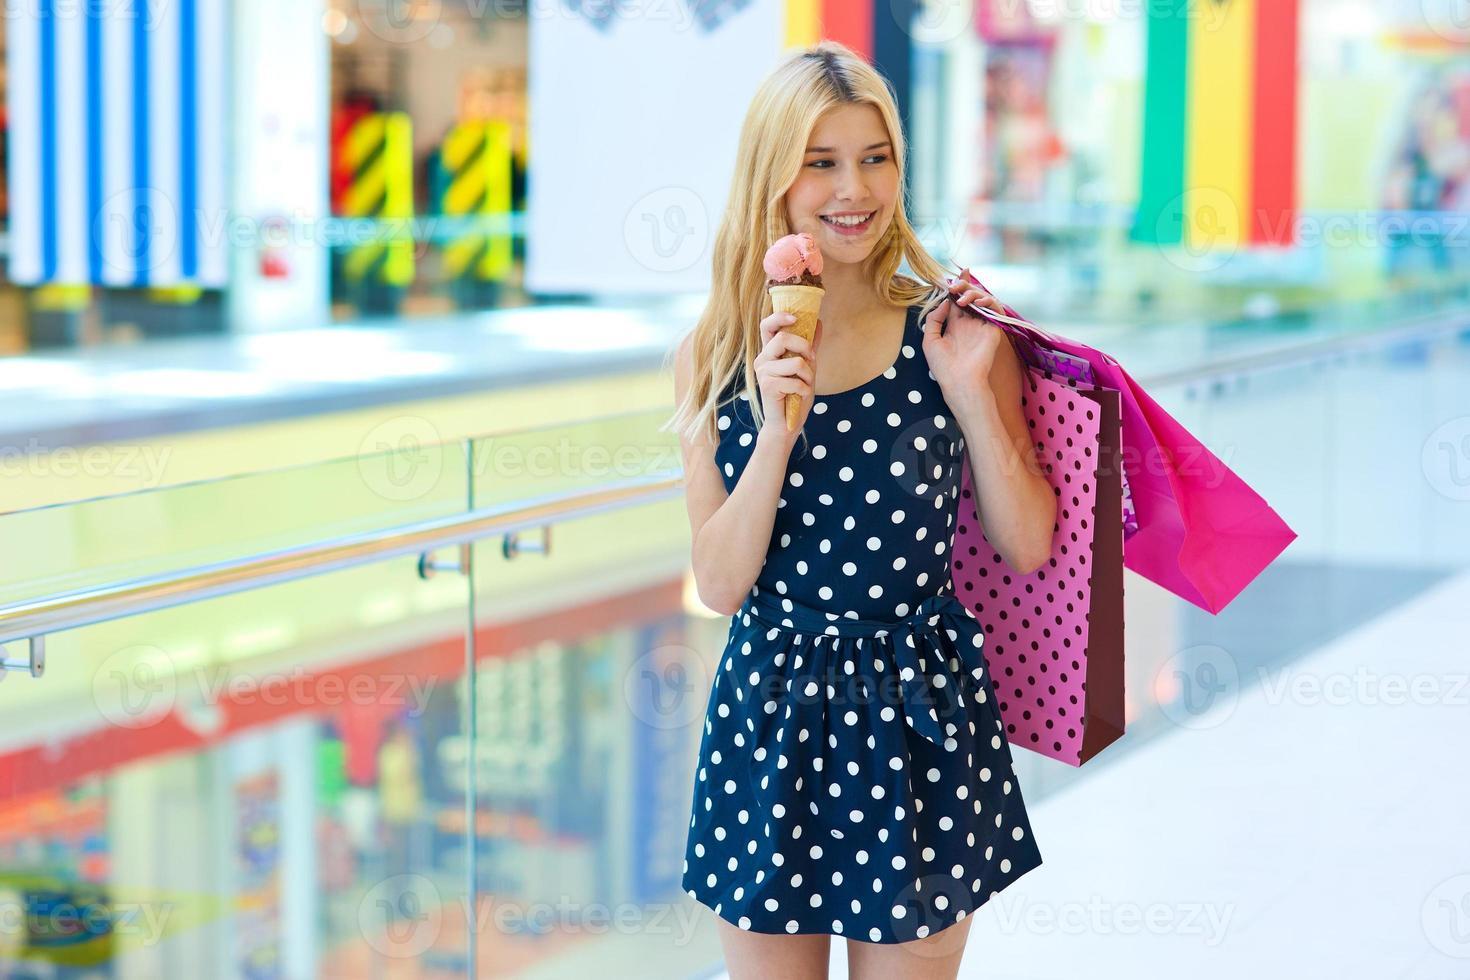 ragazza teenager con gelato e borse della spesa foto